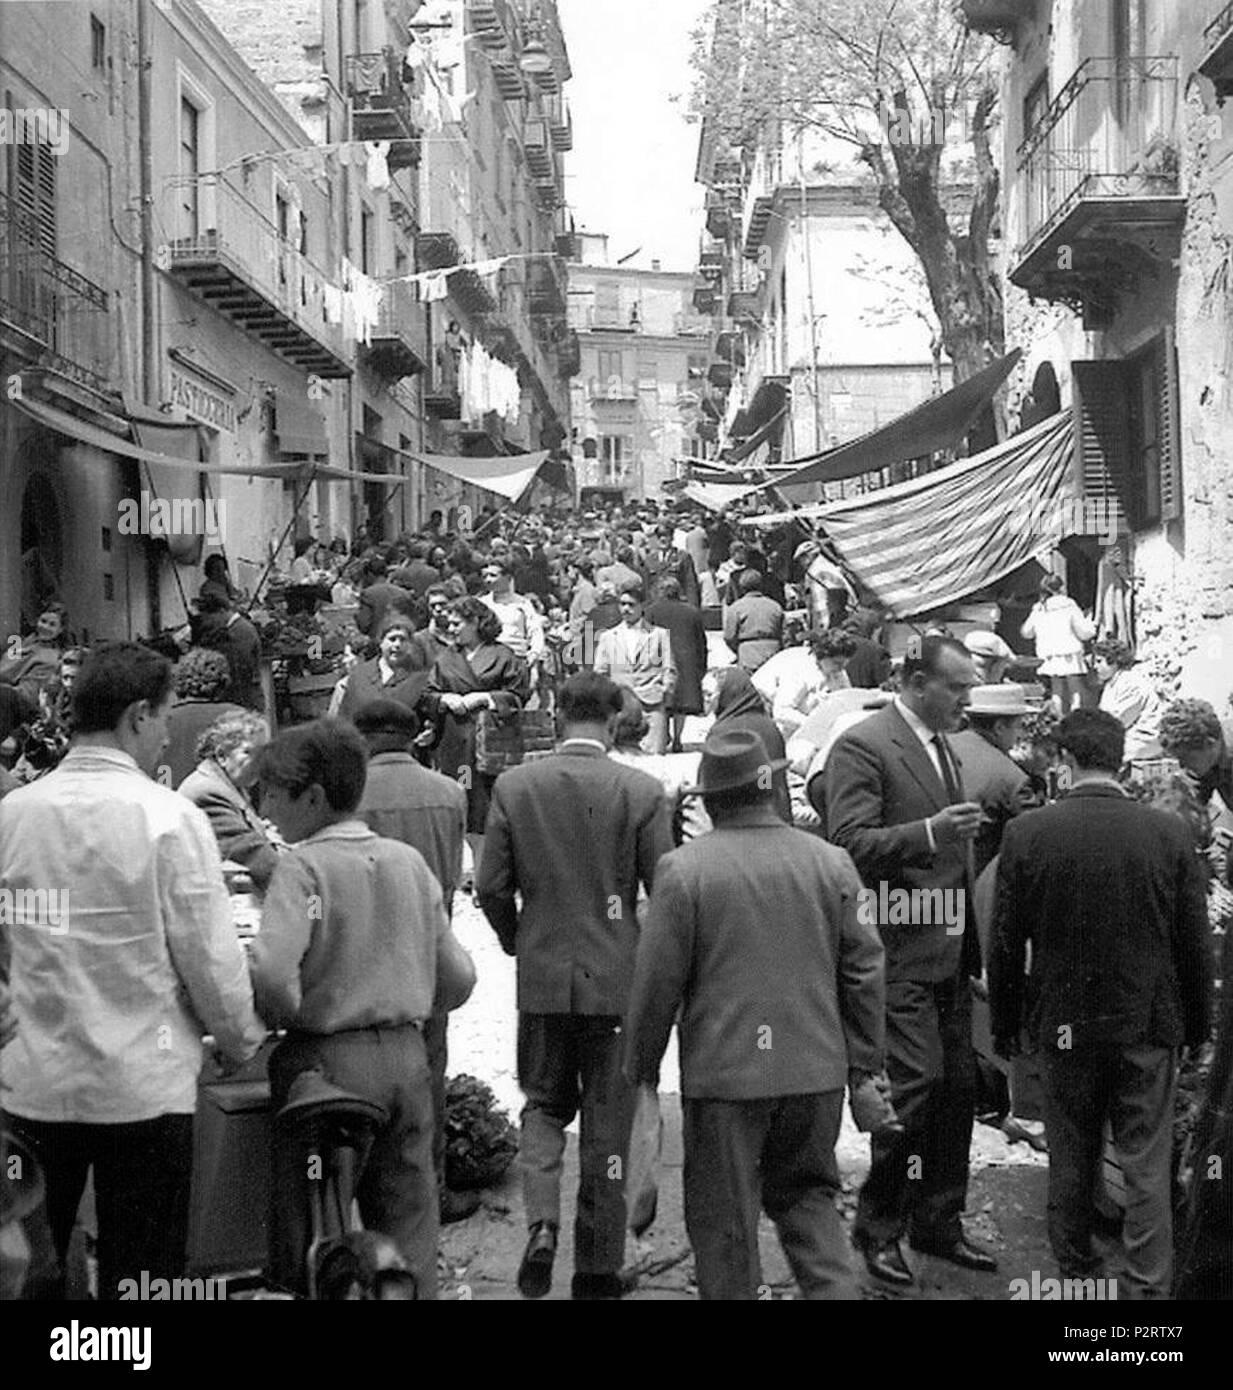 3 A Piscarì- Il mercato della Pescheria a Caltanissetta anni 60 - Stock Image